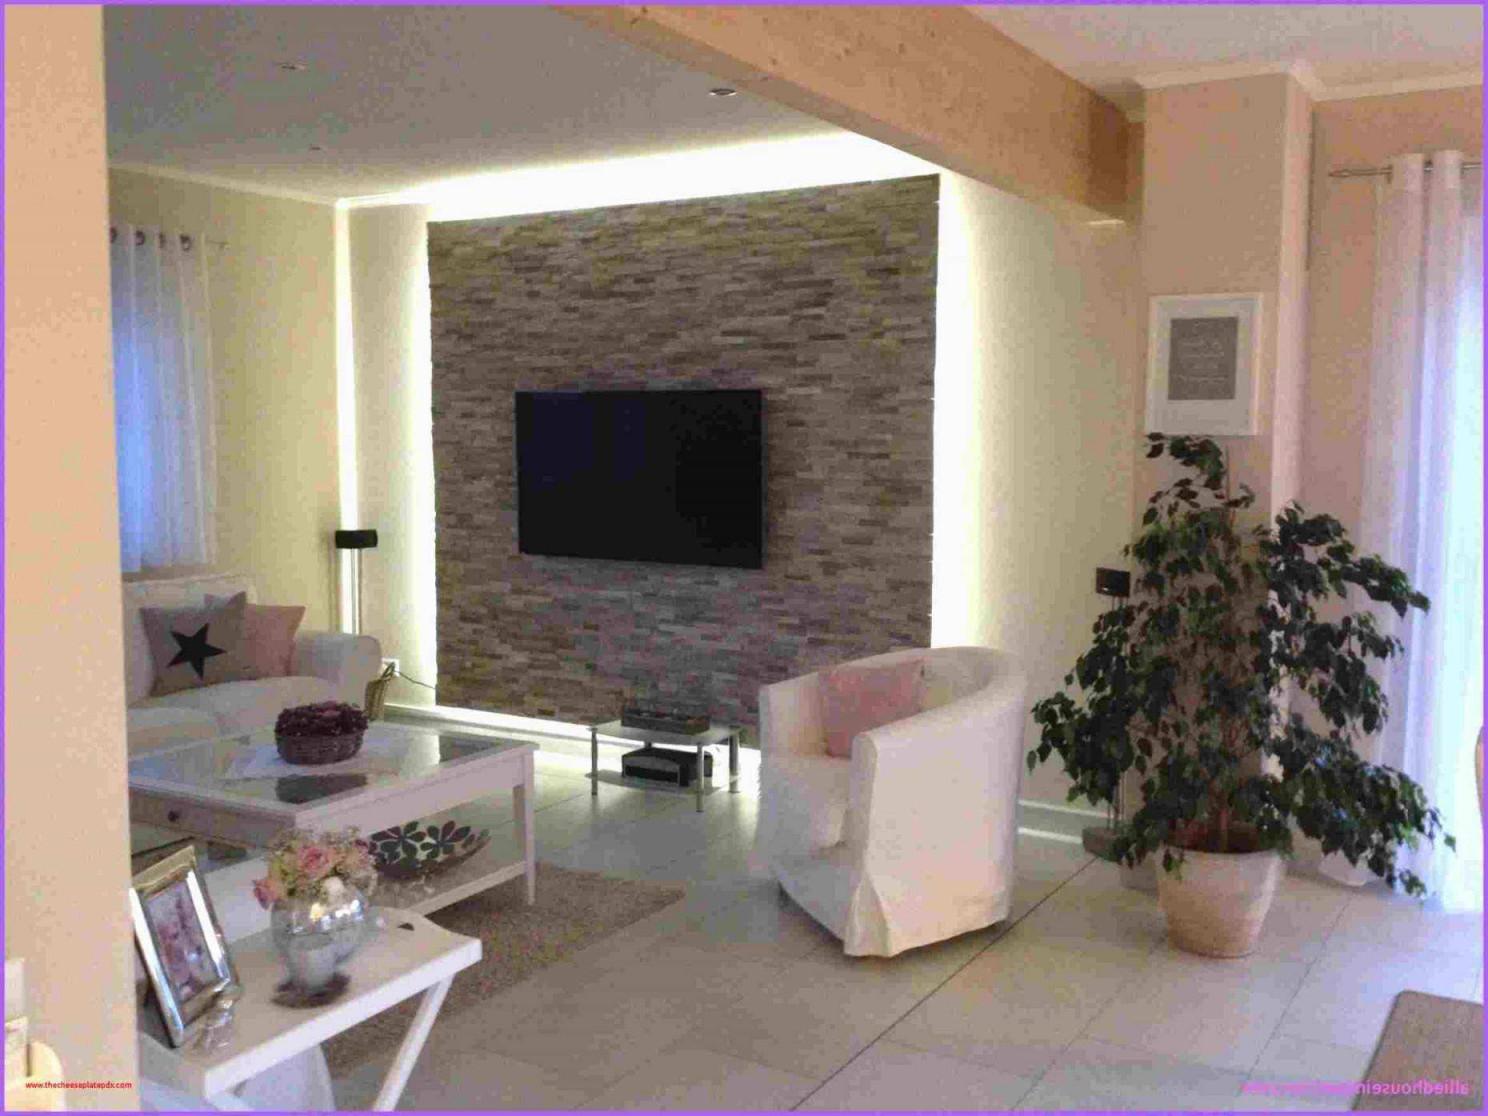 Schiebevorhänge Wohnzimmer Modern Das Beste Von Schöne von Schöne Wohnzimmer Deko Bild